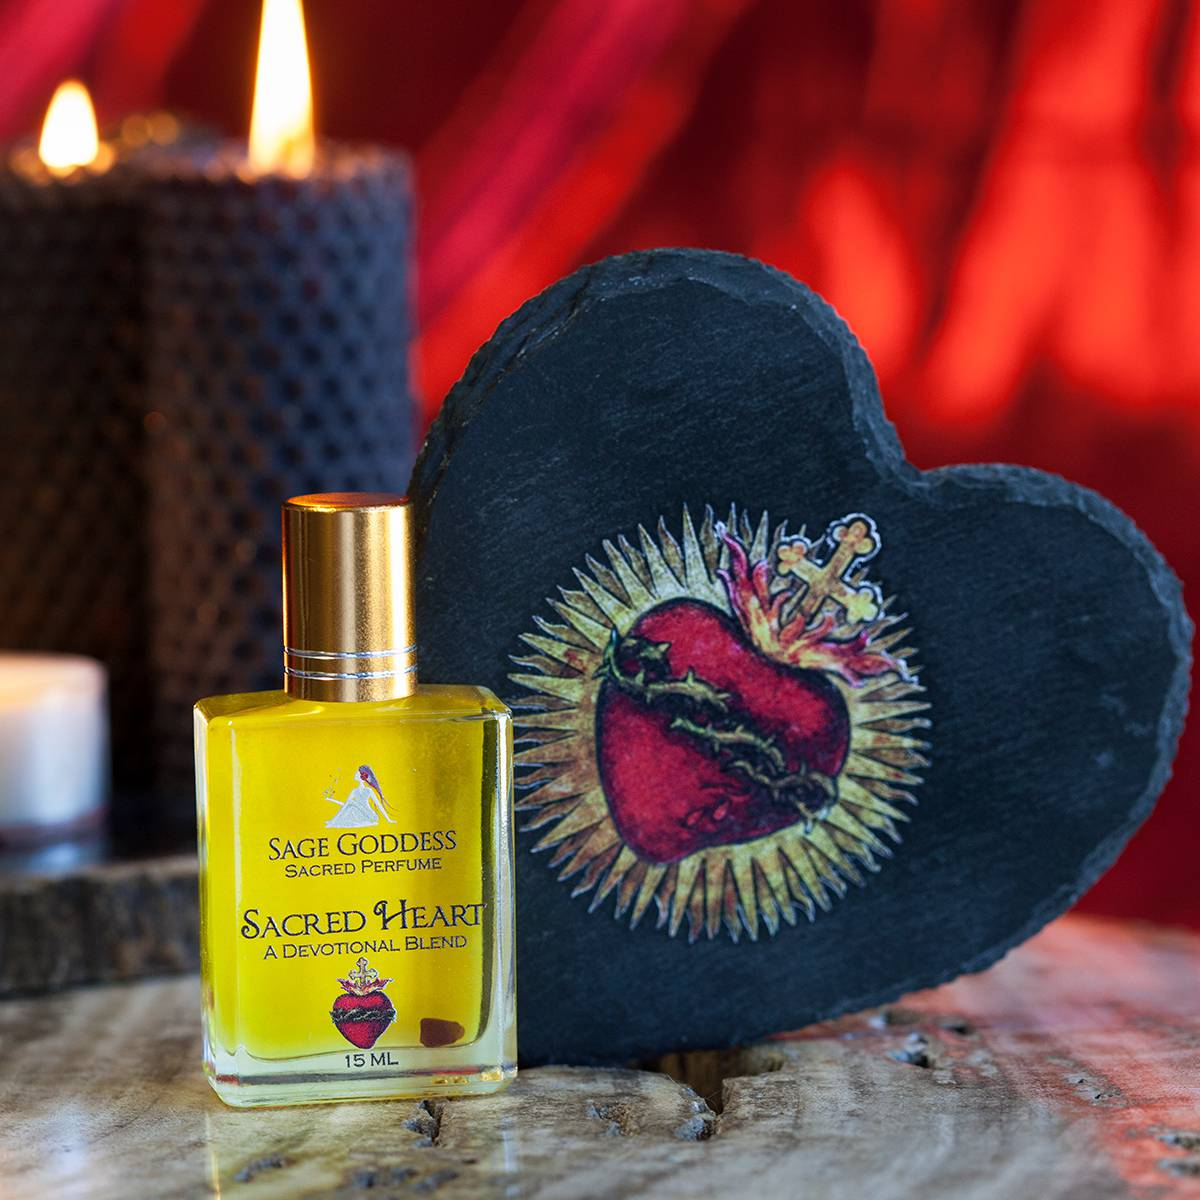 sacred heart slate plate with sacred heart perfume